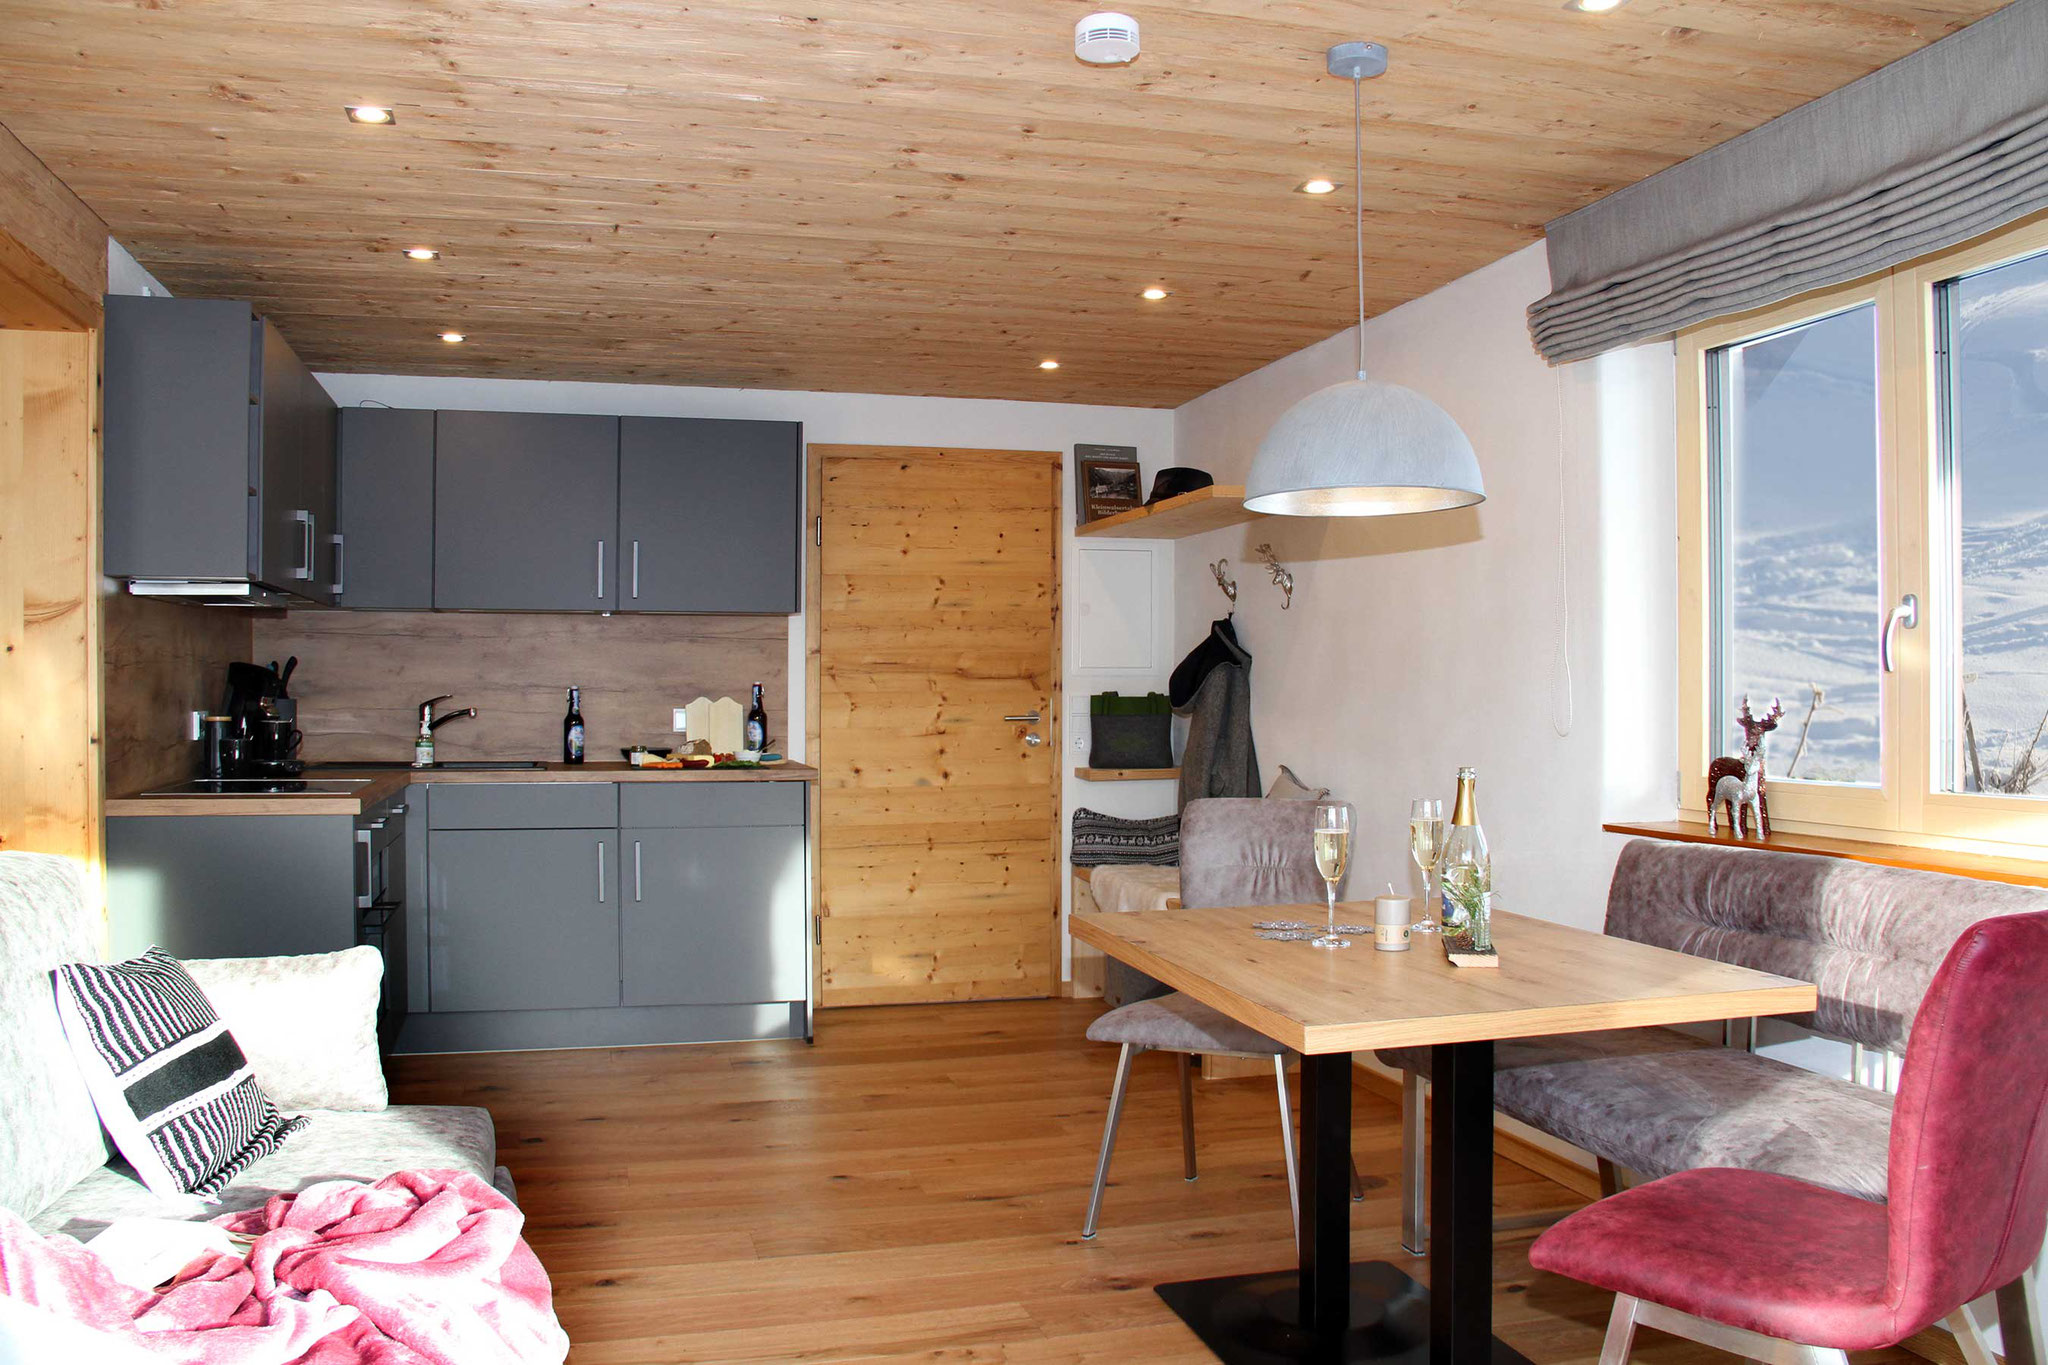 Ferienwohnung Wiesengrund, Kleinwalsertal, Bergnäägele, offene Wohnküche